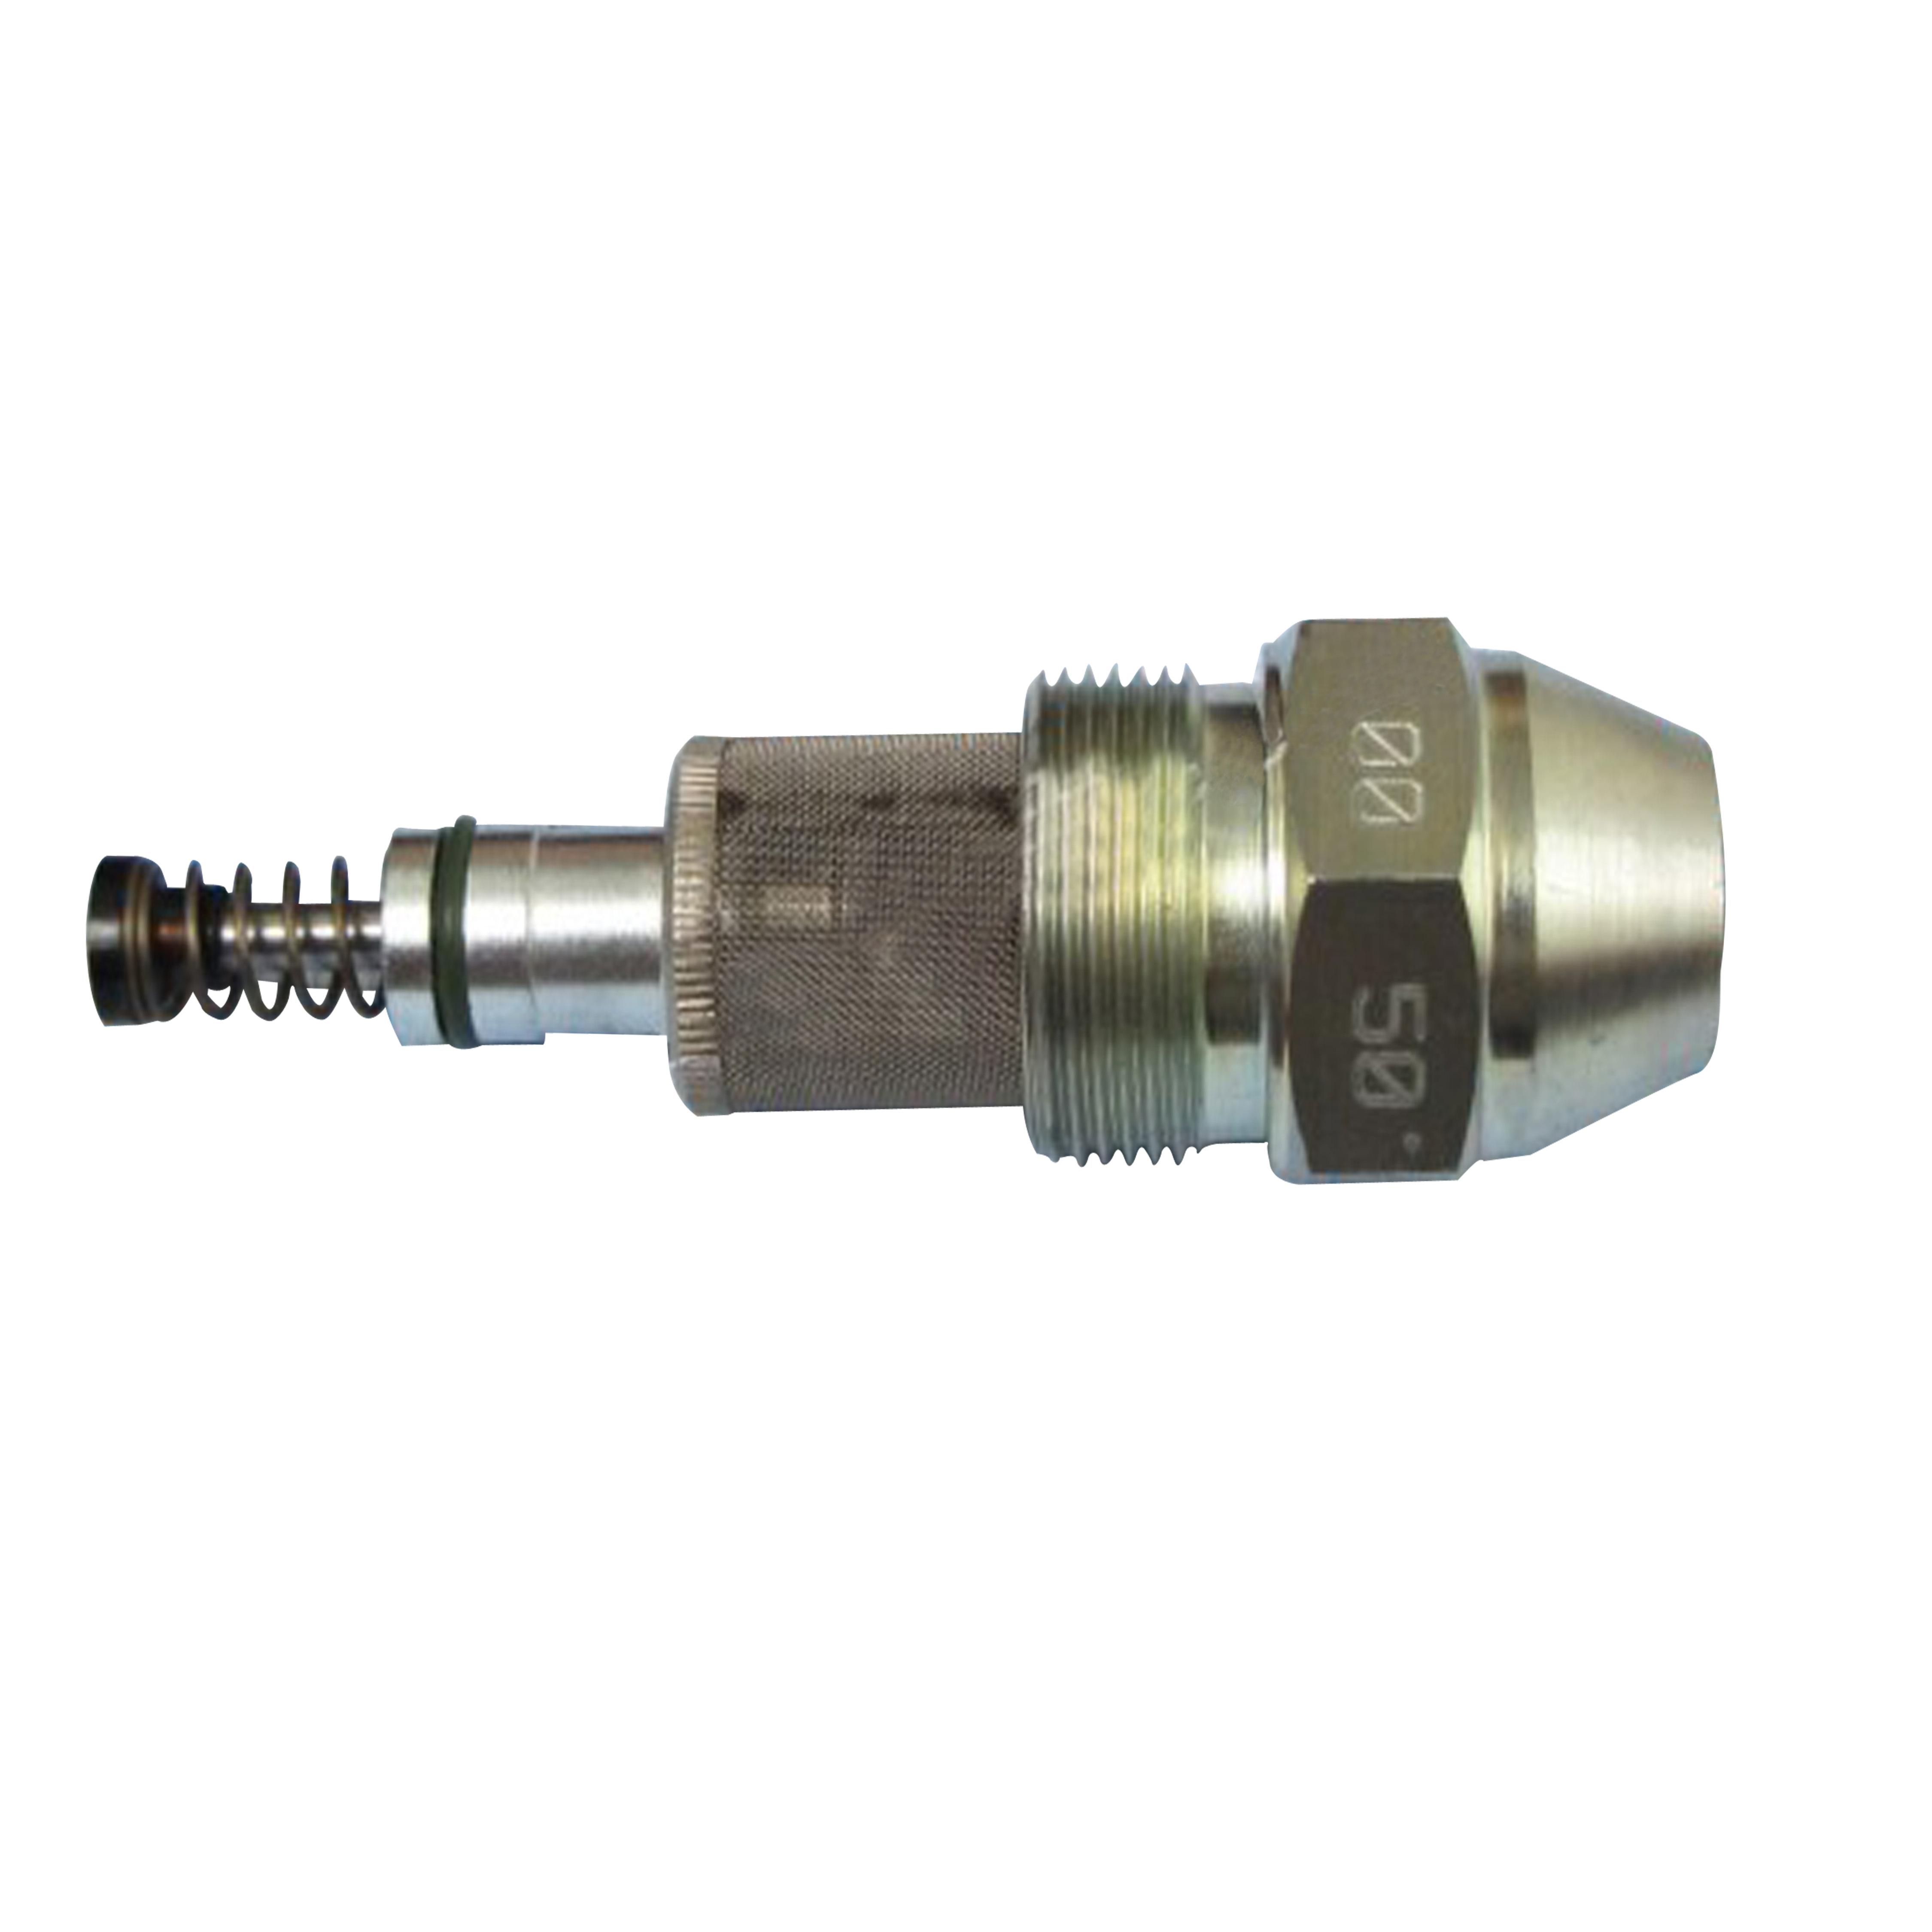 Fluidics nozzles W1 Type 60 Degree